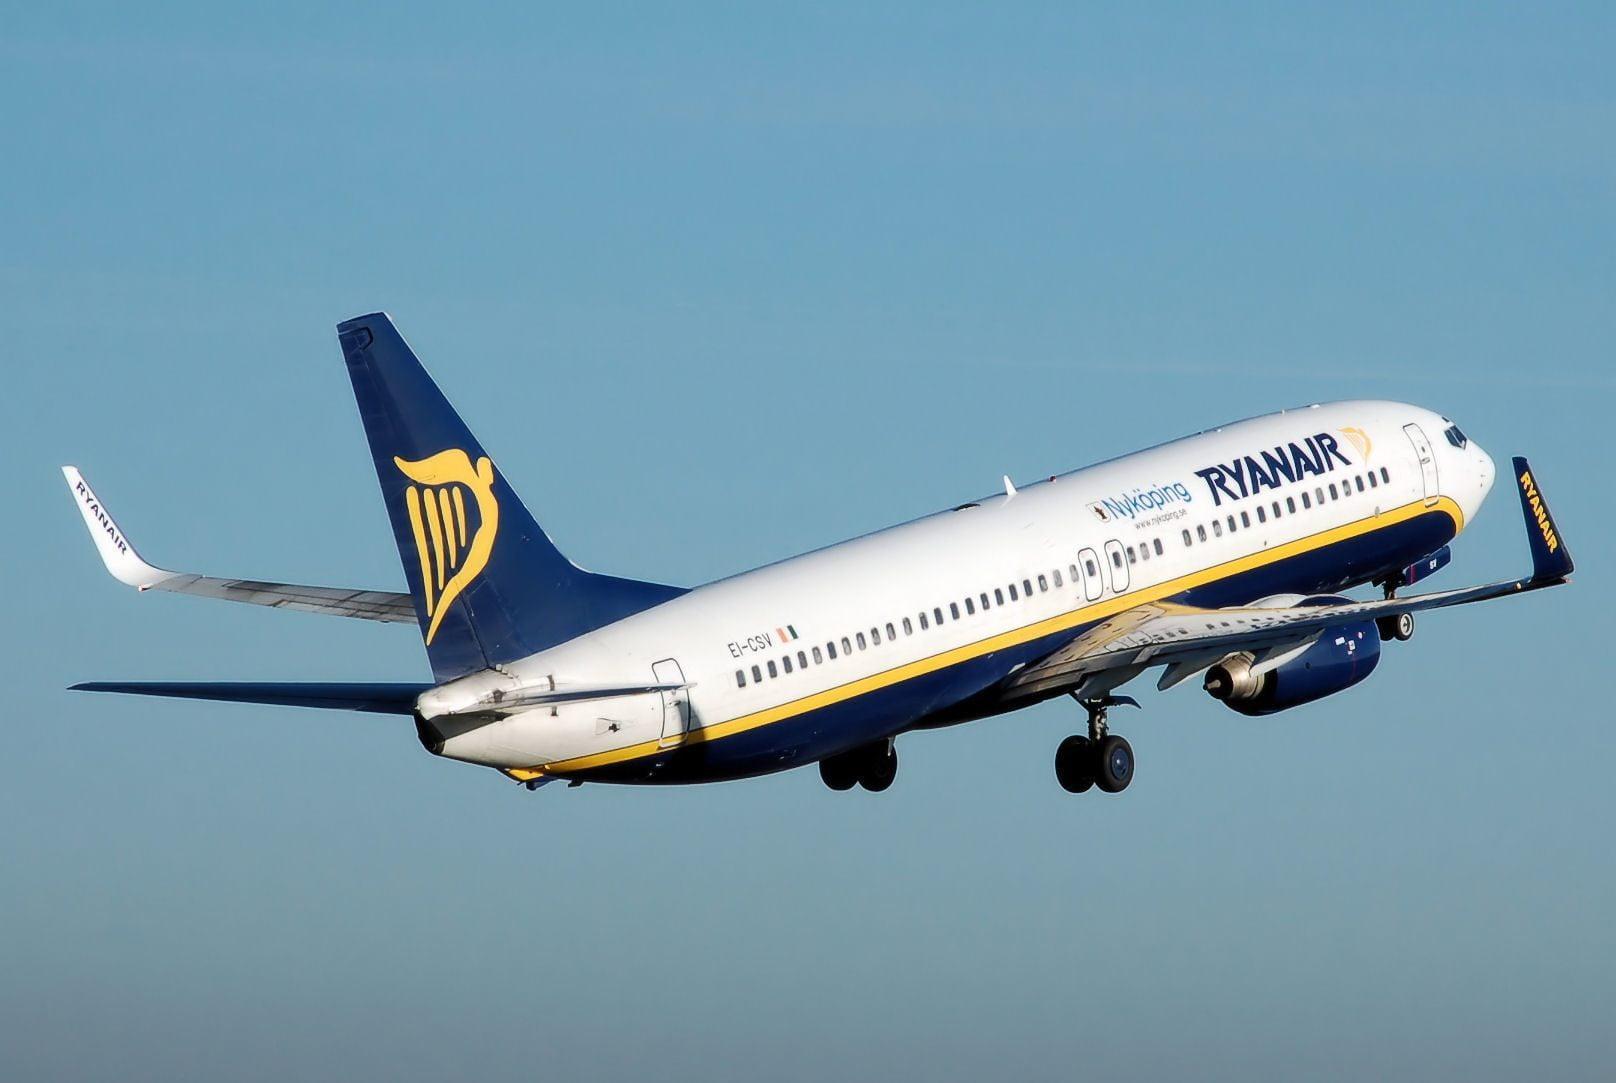 Ryanair: Τρέξτε να προλάβετε - Πετάξτε με 9,99 ευρω